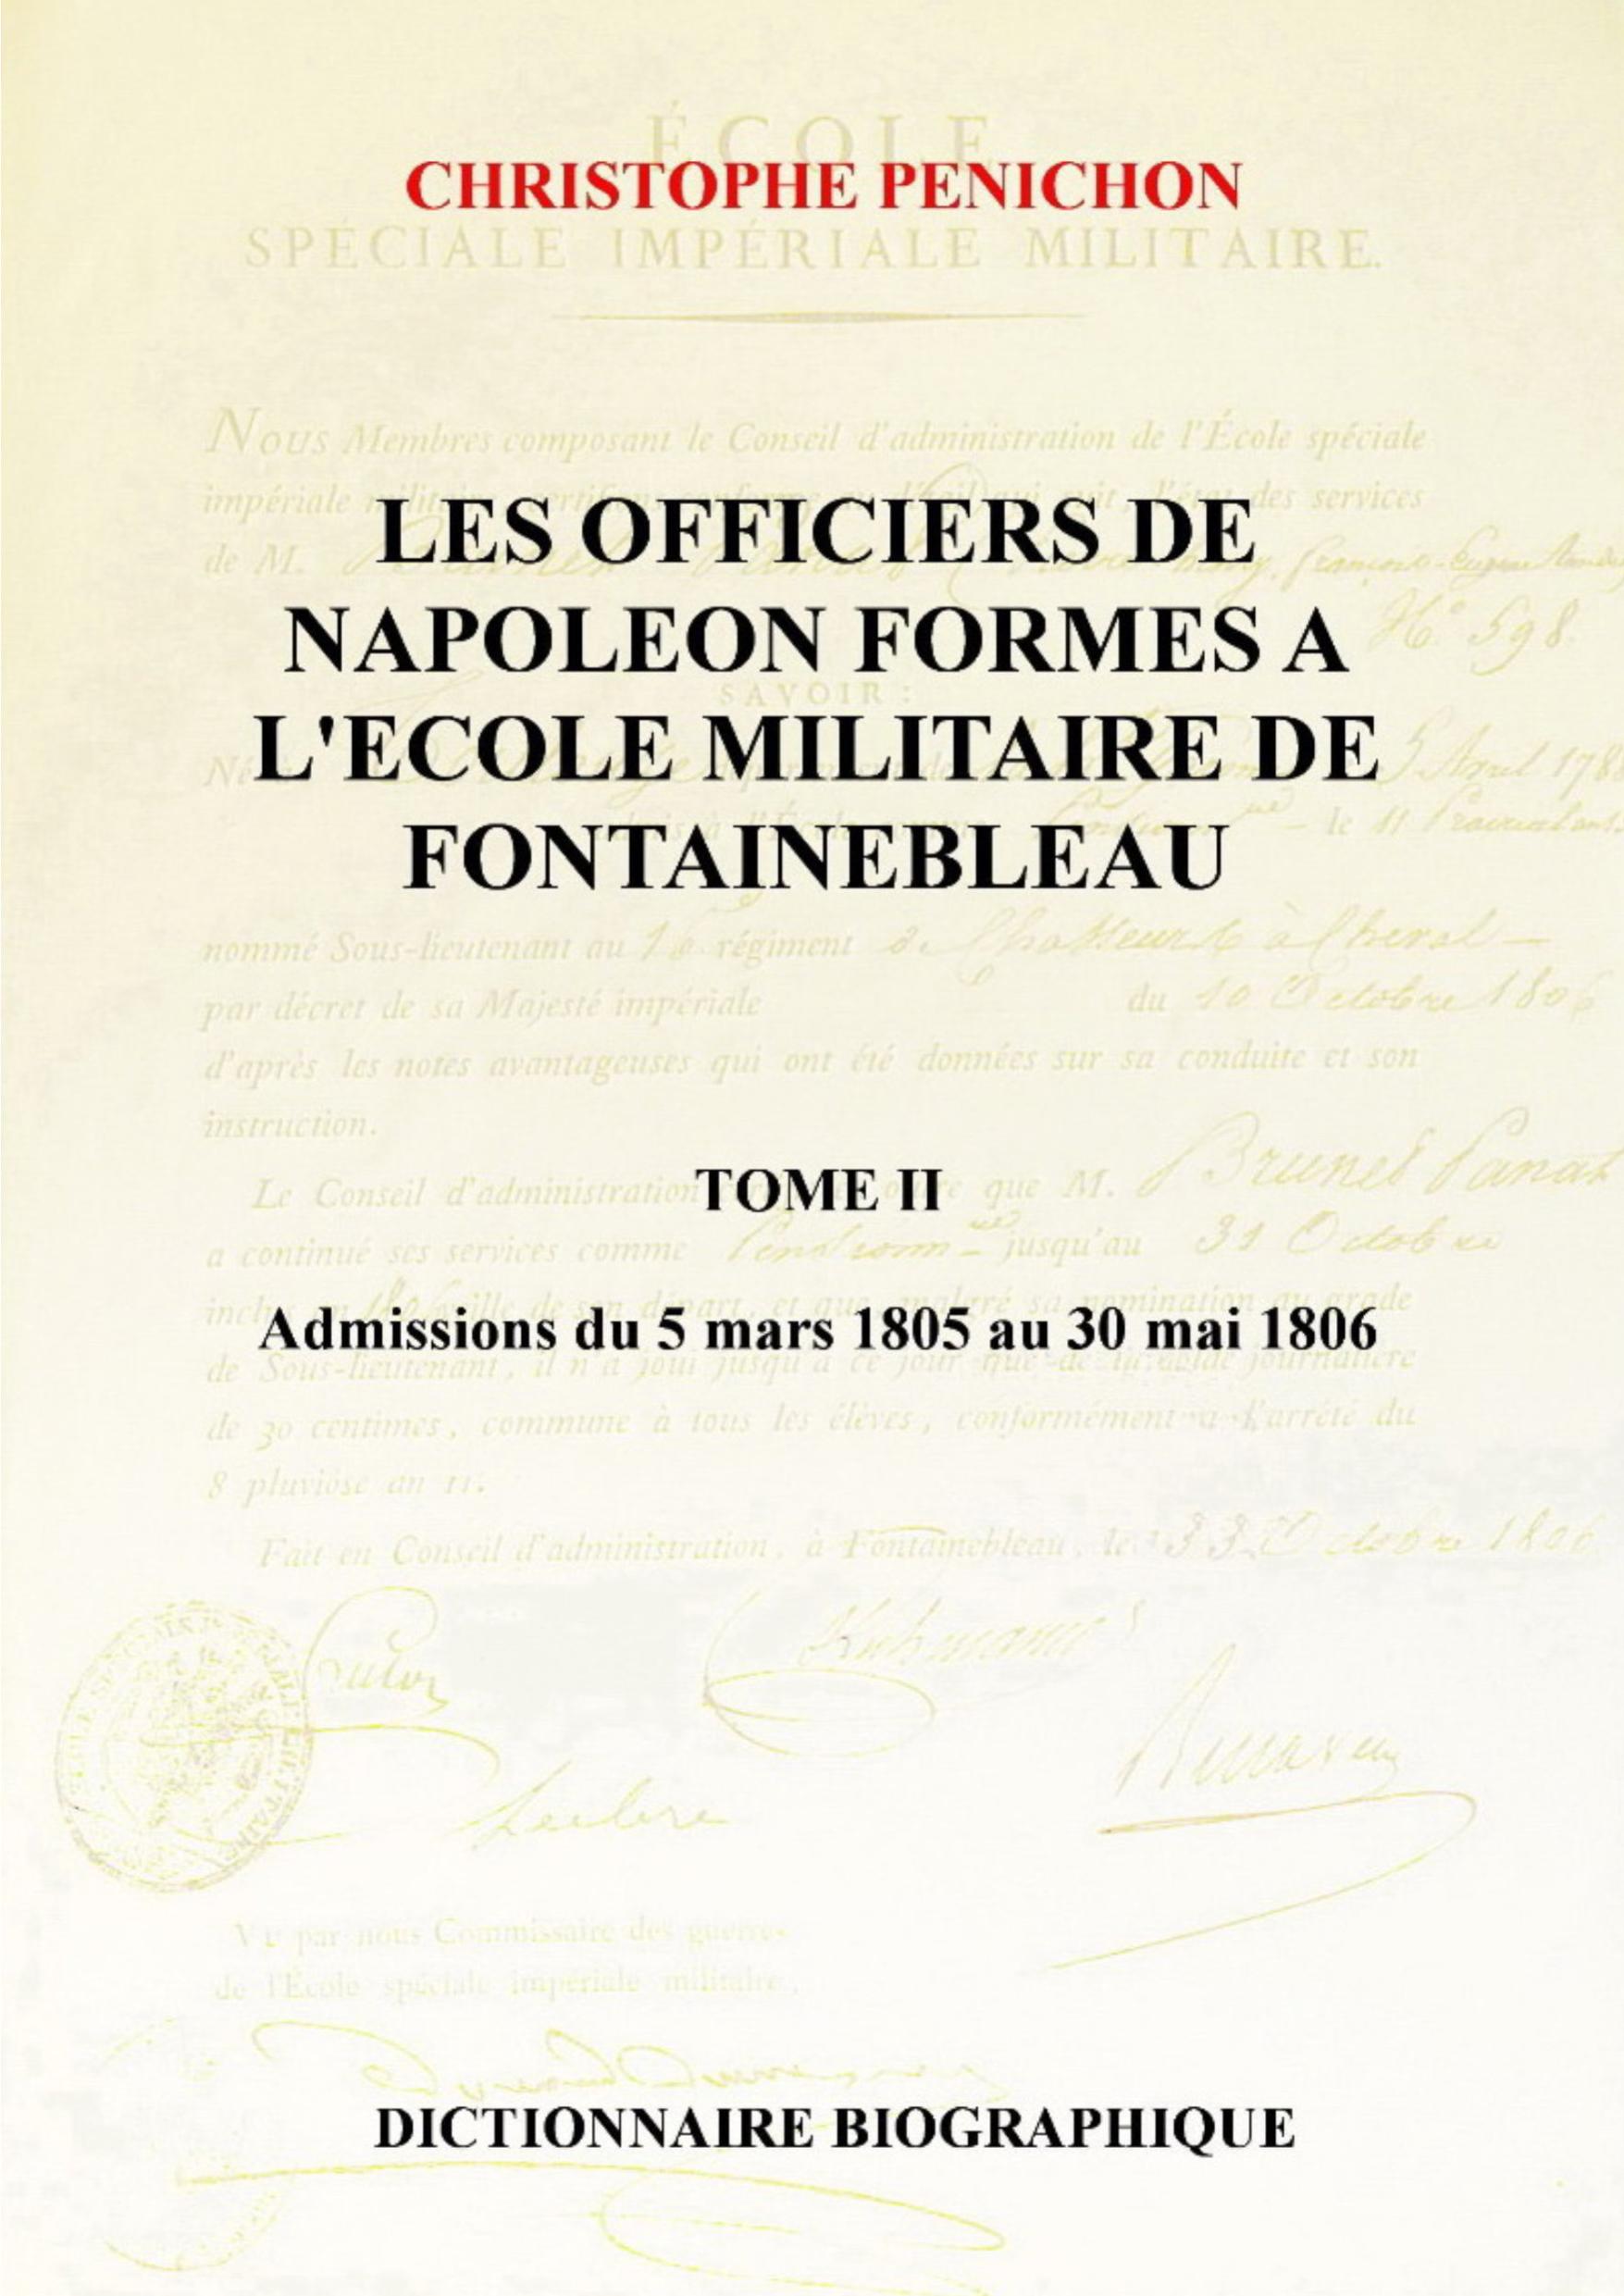 Les Officiers de Napoléon, Tome II